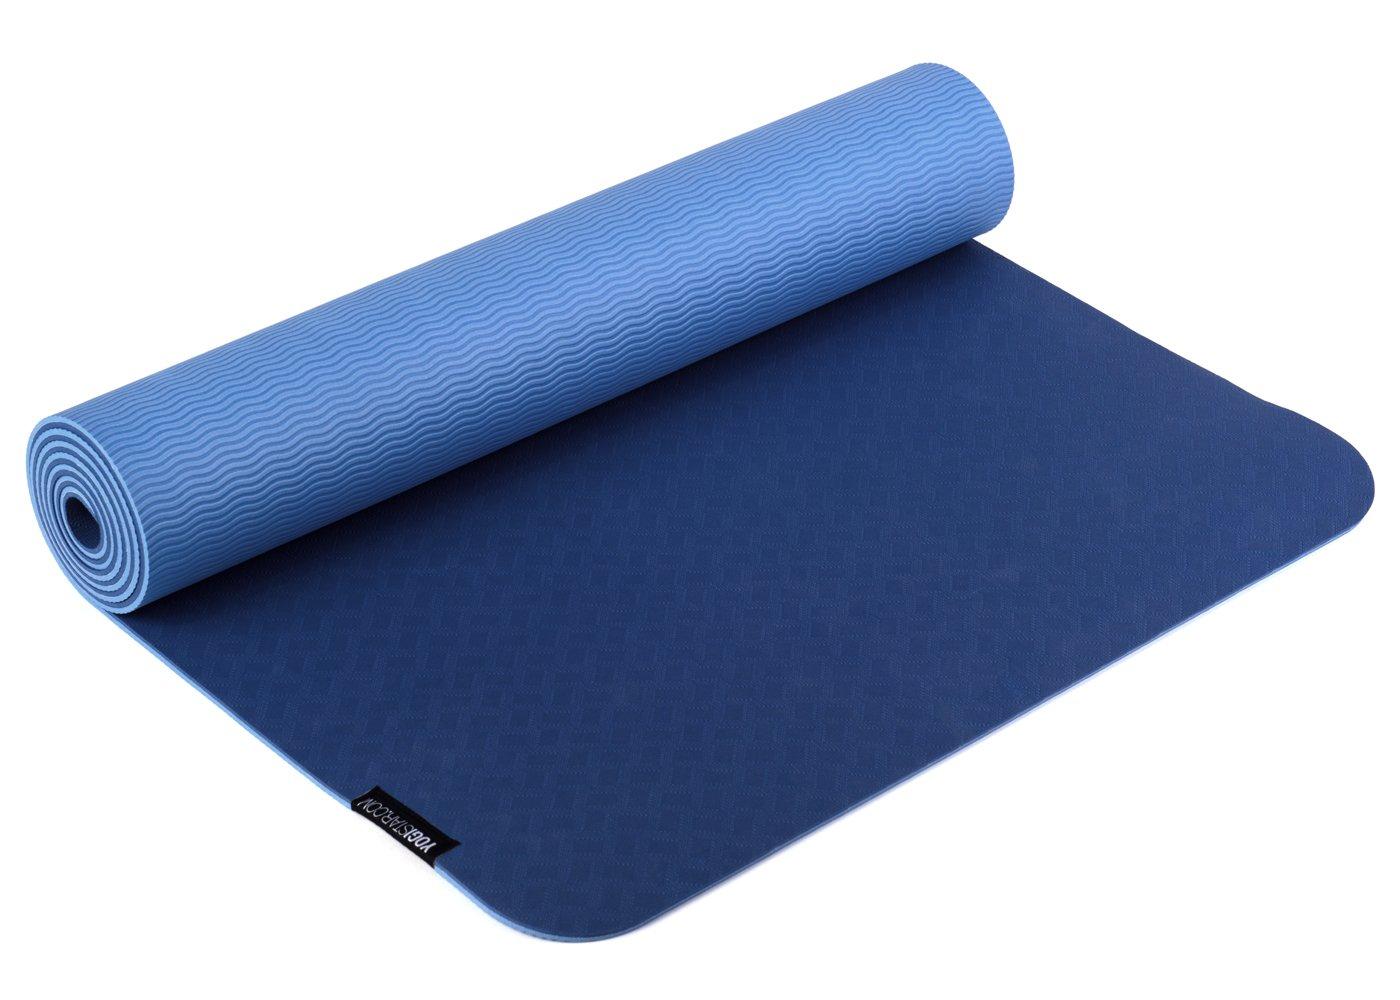 Yogamatte Pro von Yogistar